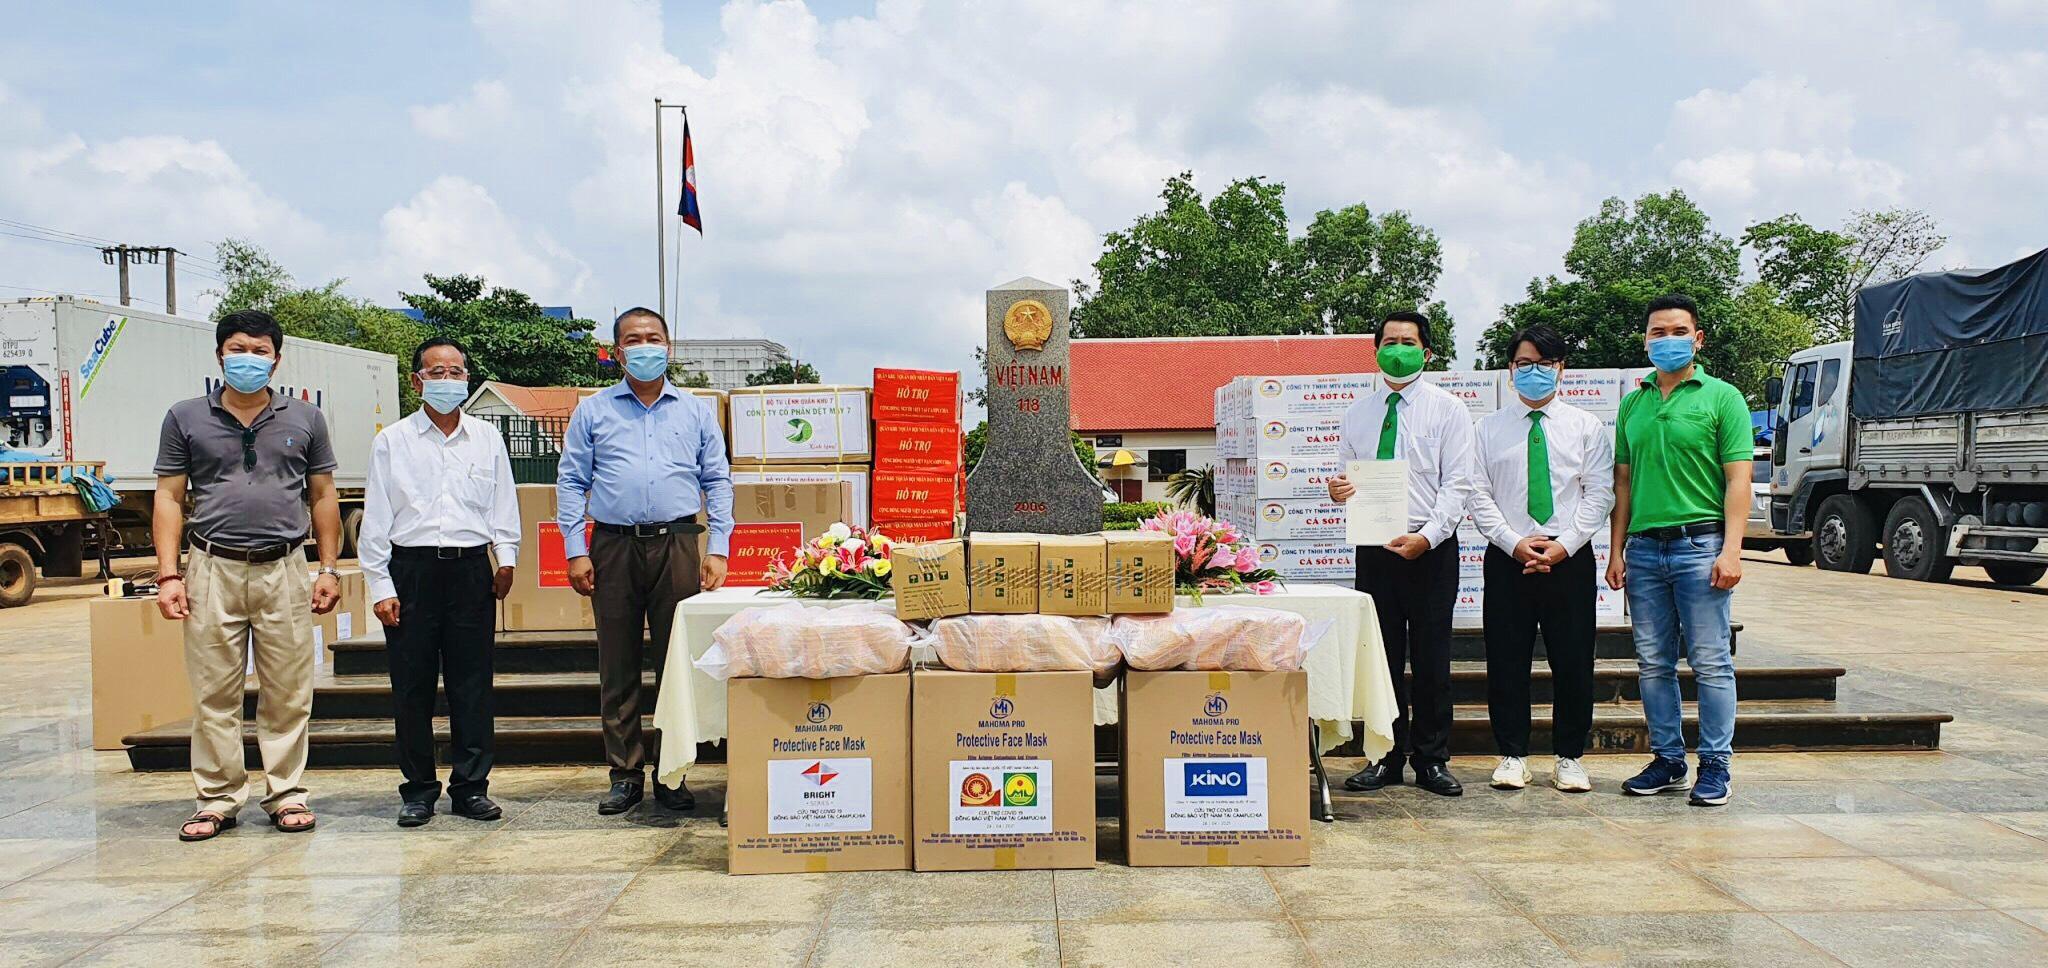 Đại diện Tập đoàn Mai Linh bàn giao lương thực, thiết bị y tế cho Đại sứ quán Việt Nam tại Campuchia.